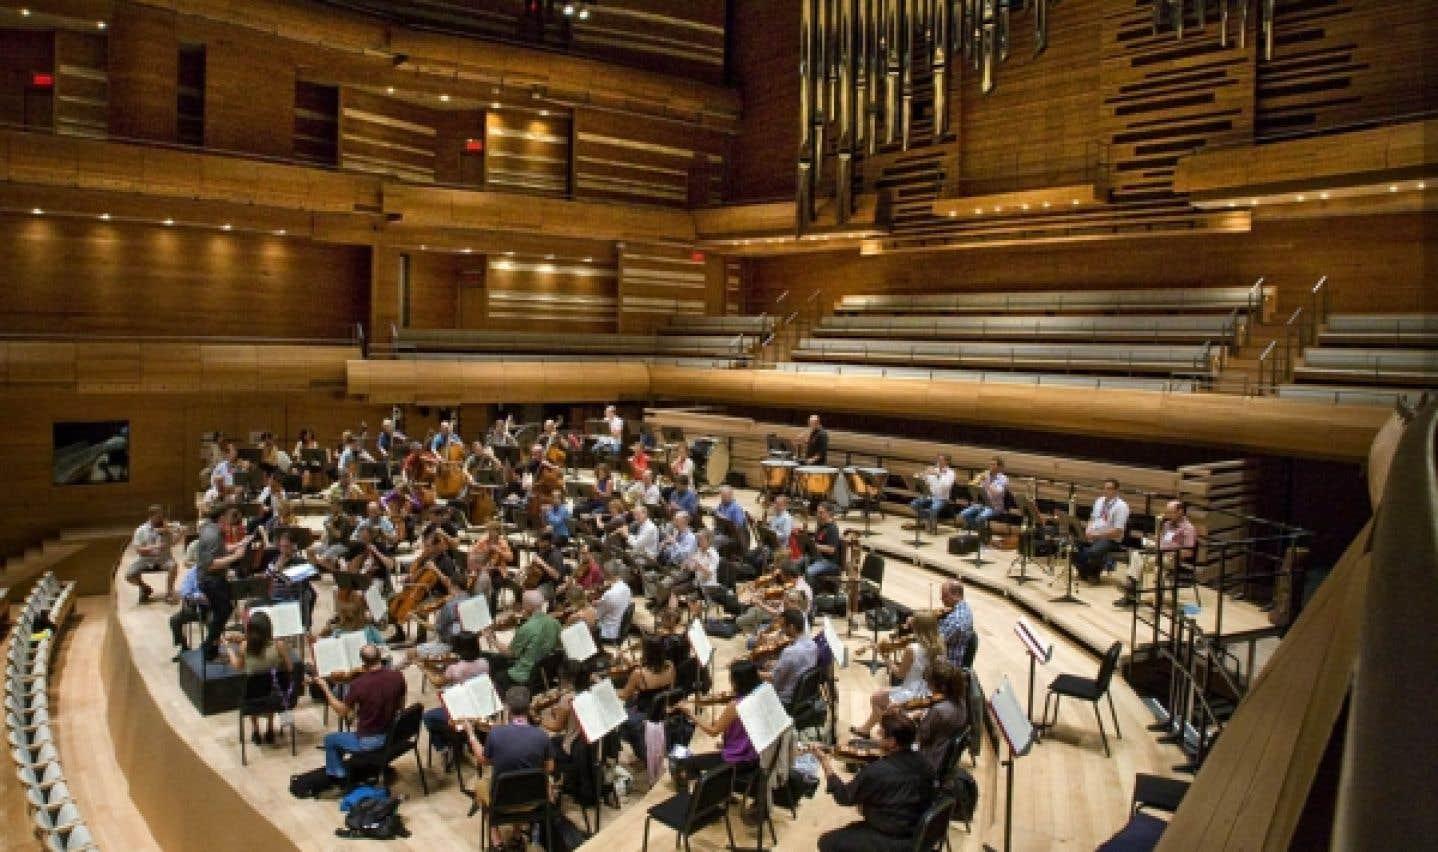 Musique classique - Cette salle de concert sonne déjà bien!